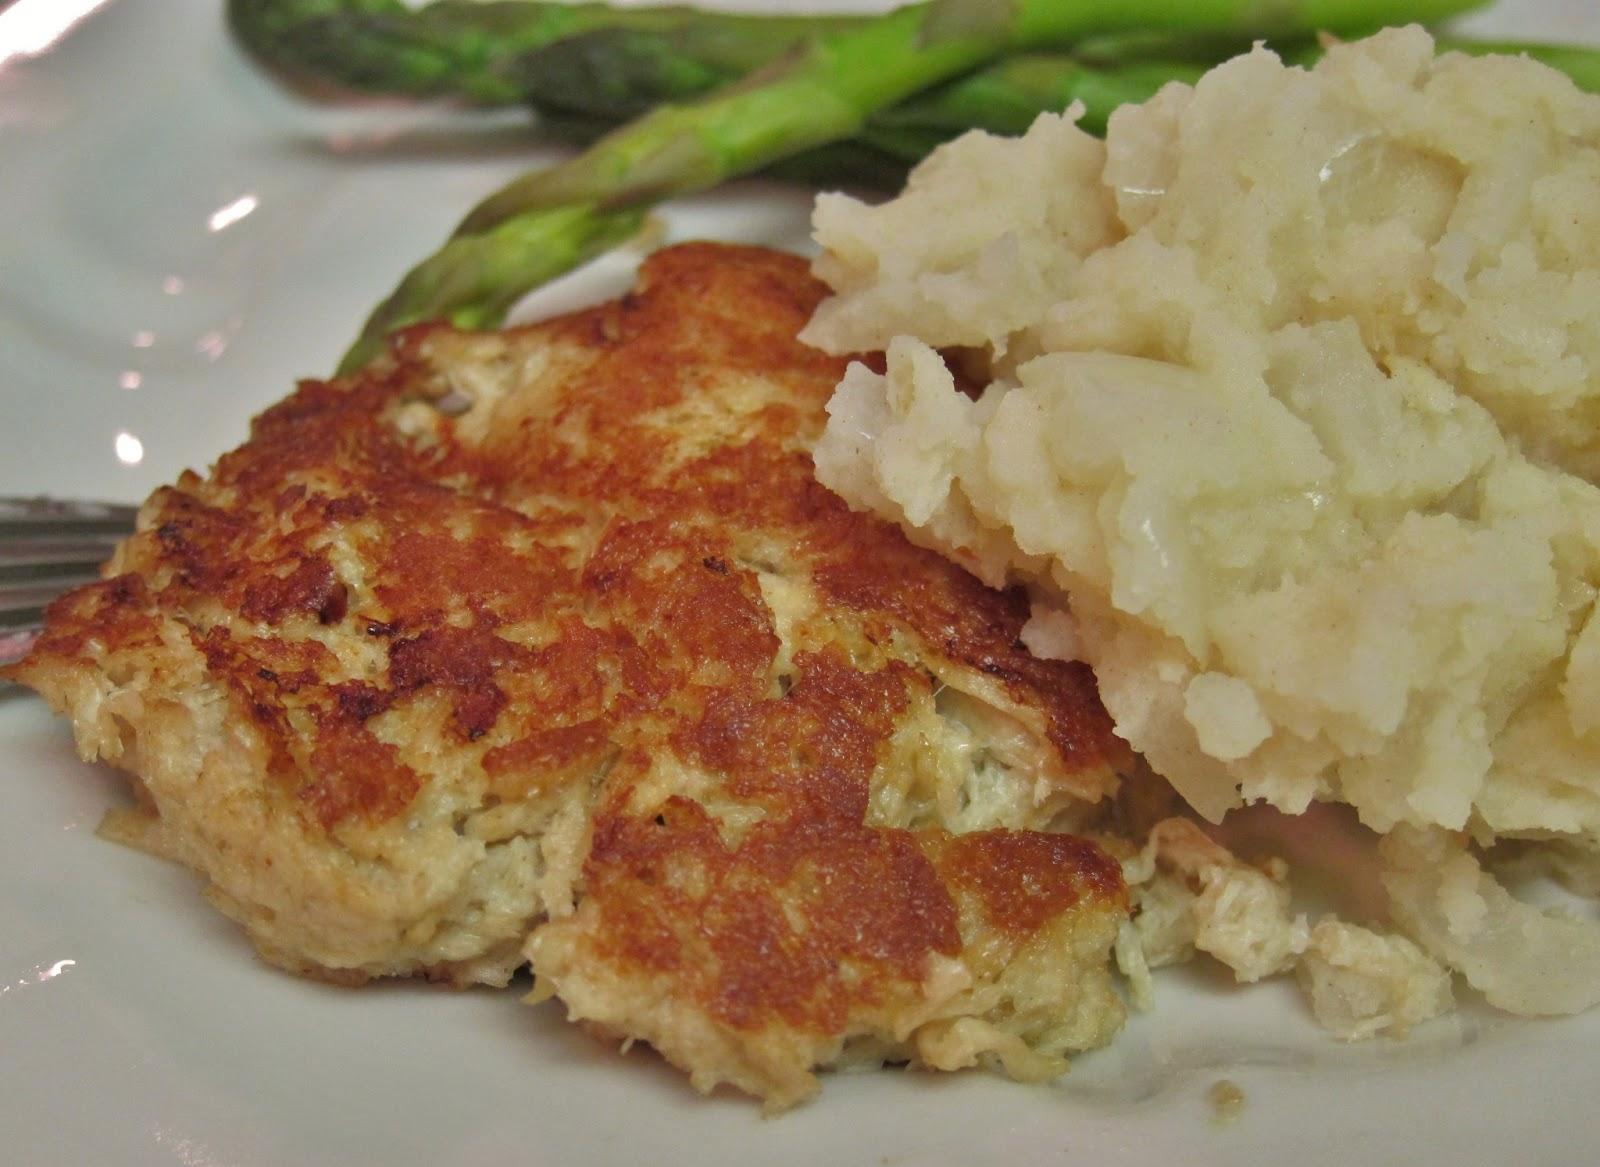 The Vegan Chronicle: Caramelized Onion and Horseradish Mashed Potatoes